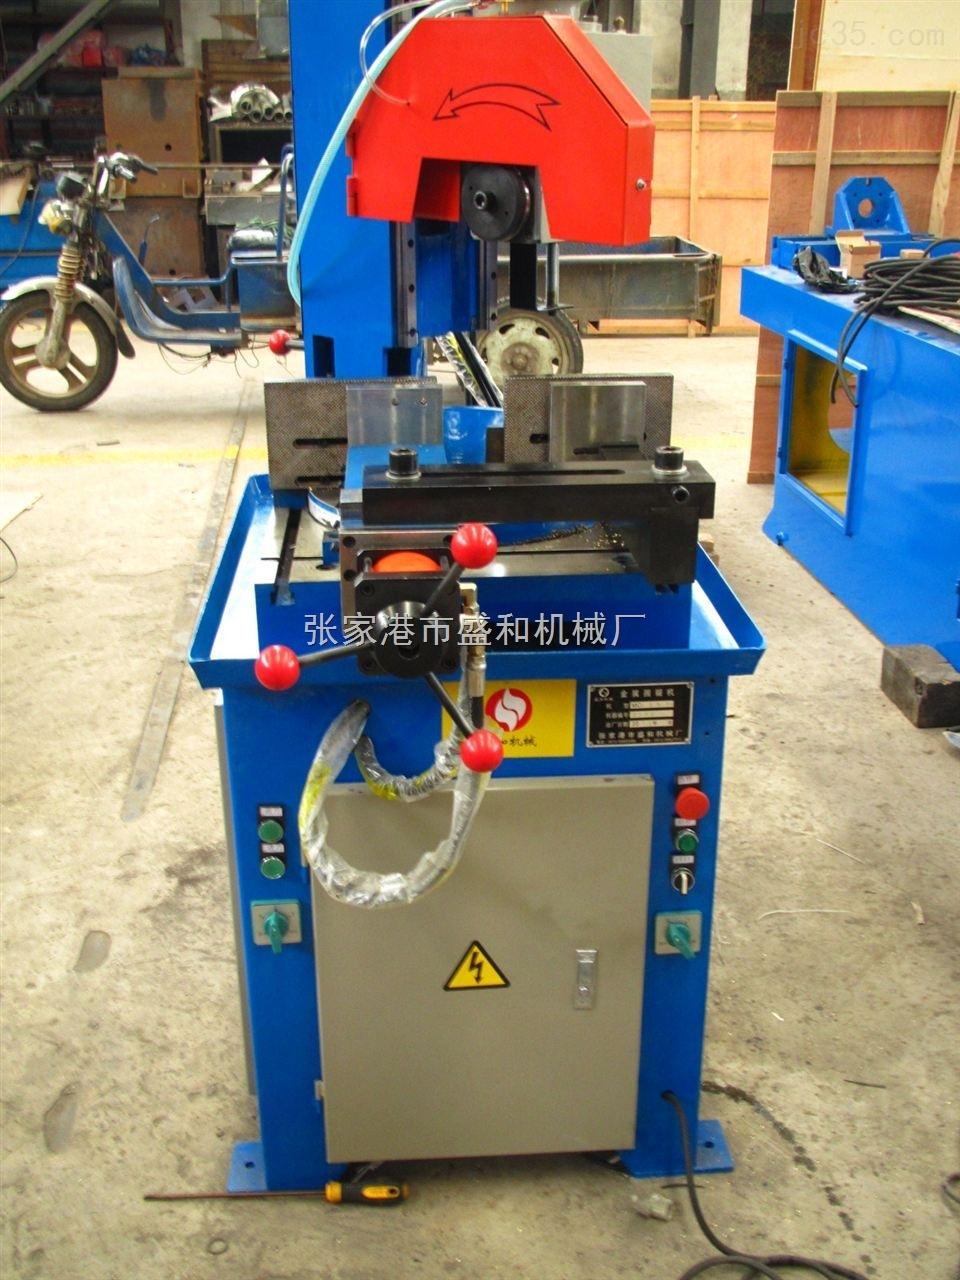 自动切管机,水切割机,小型切管机,金属切管机